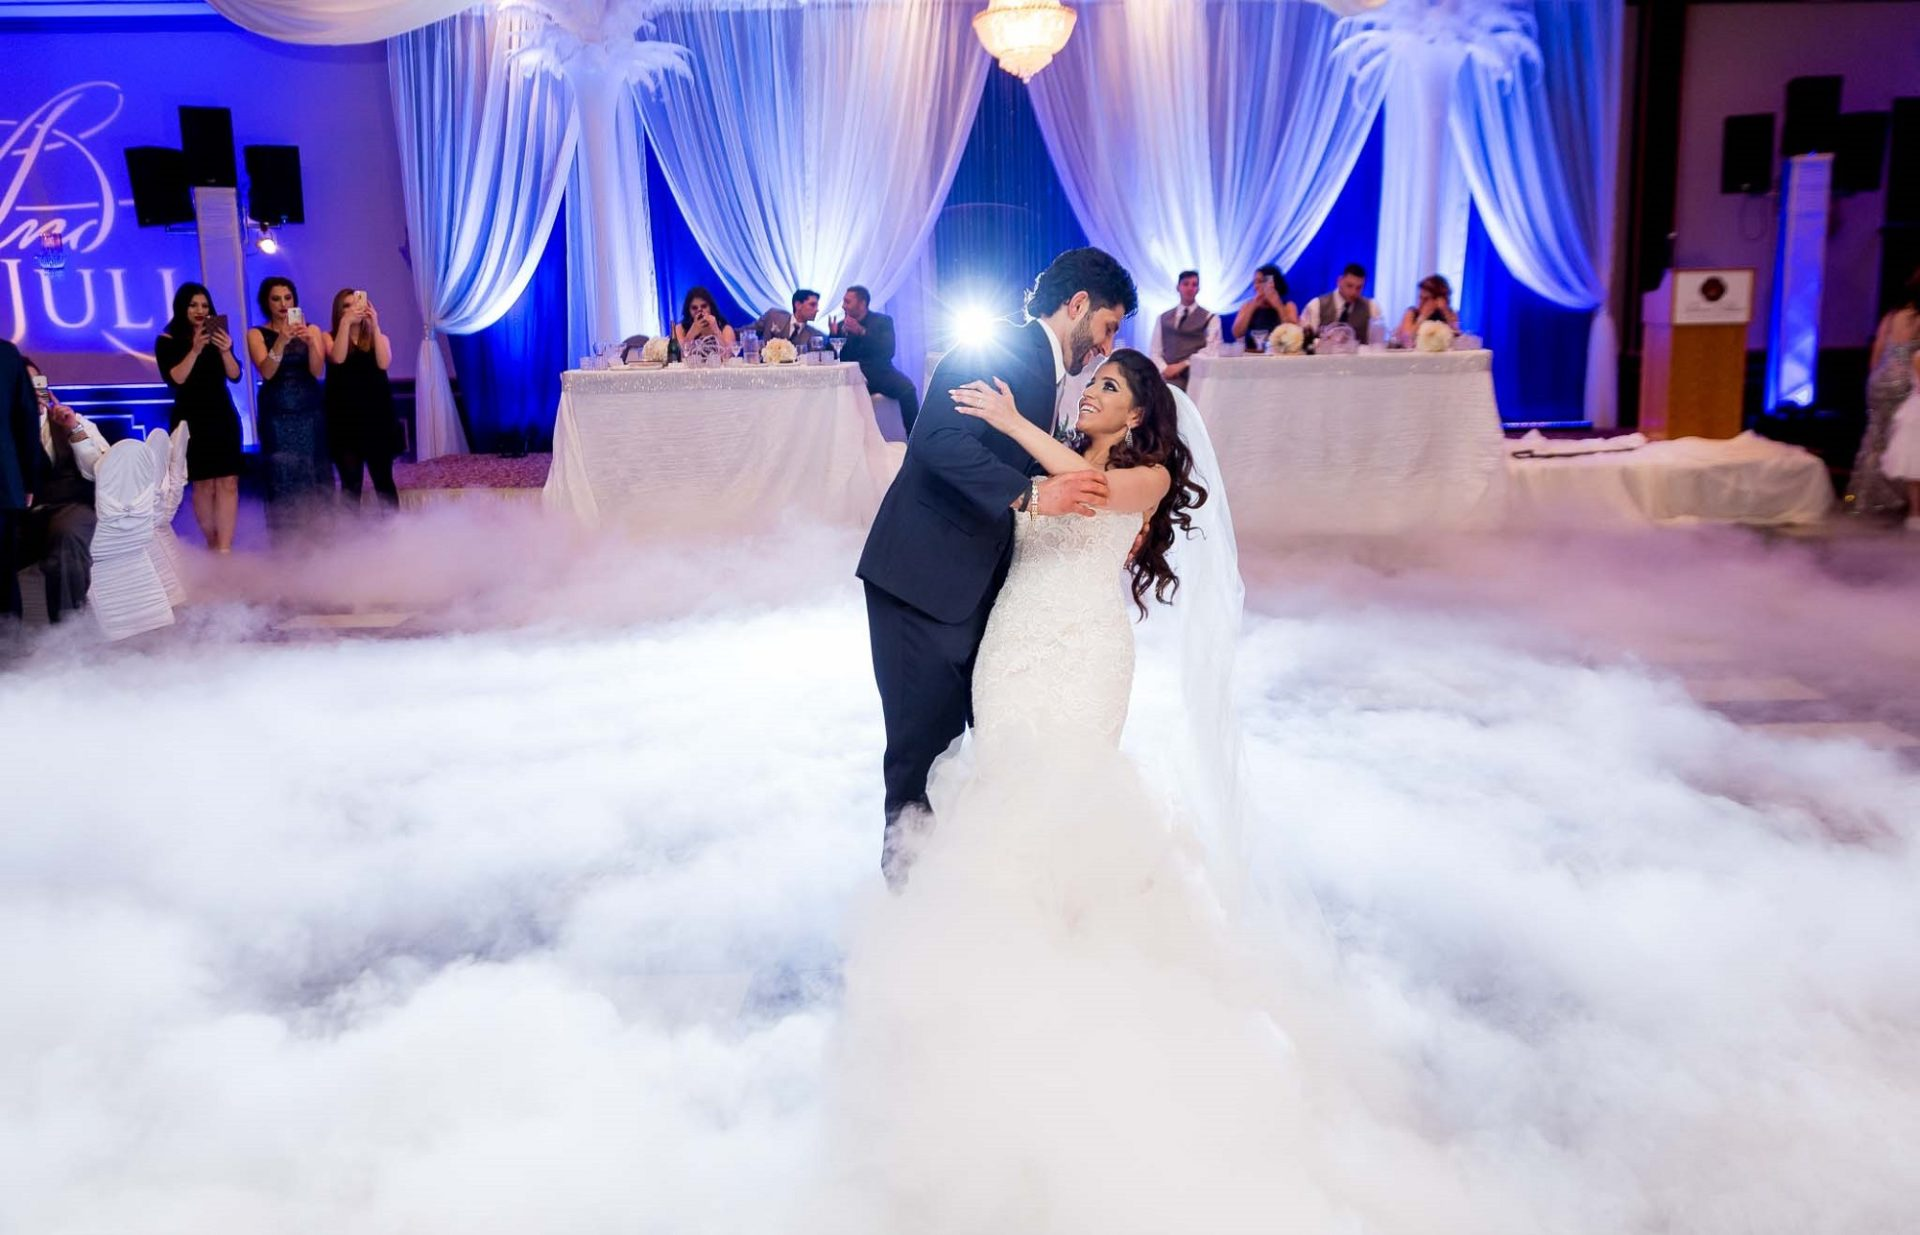 wedding-dry-ice-edmonton